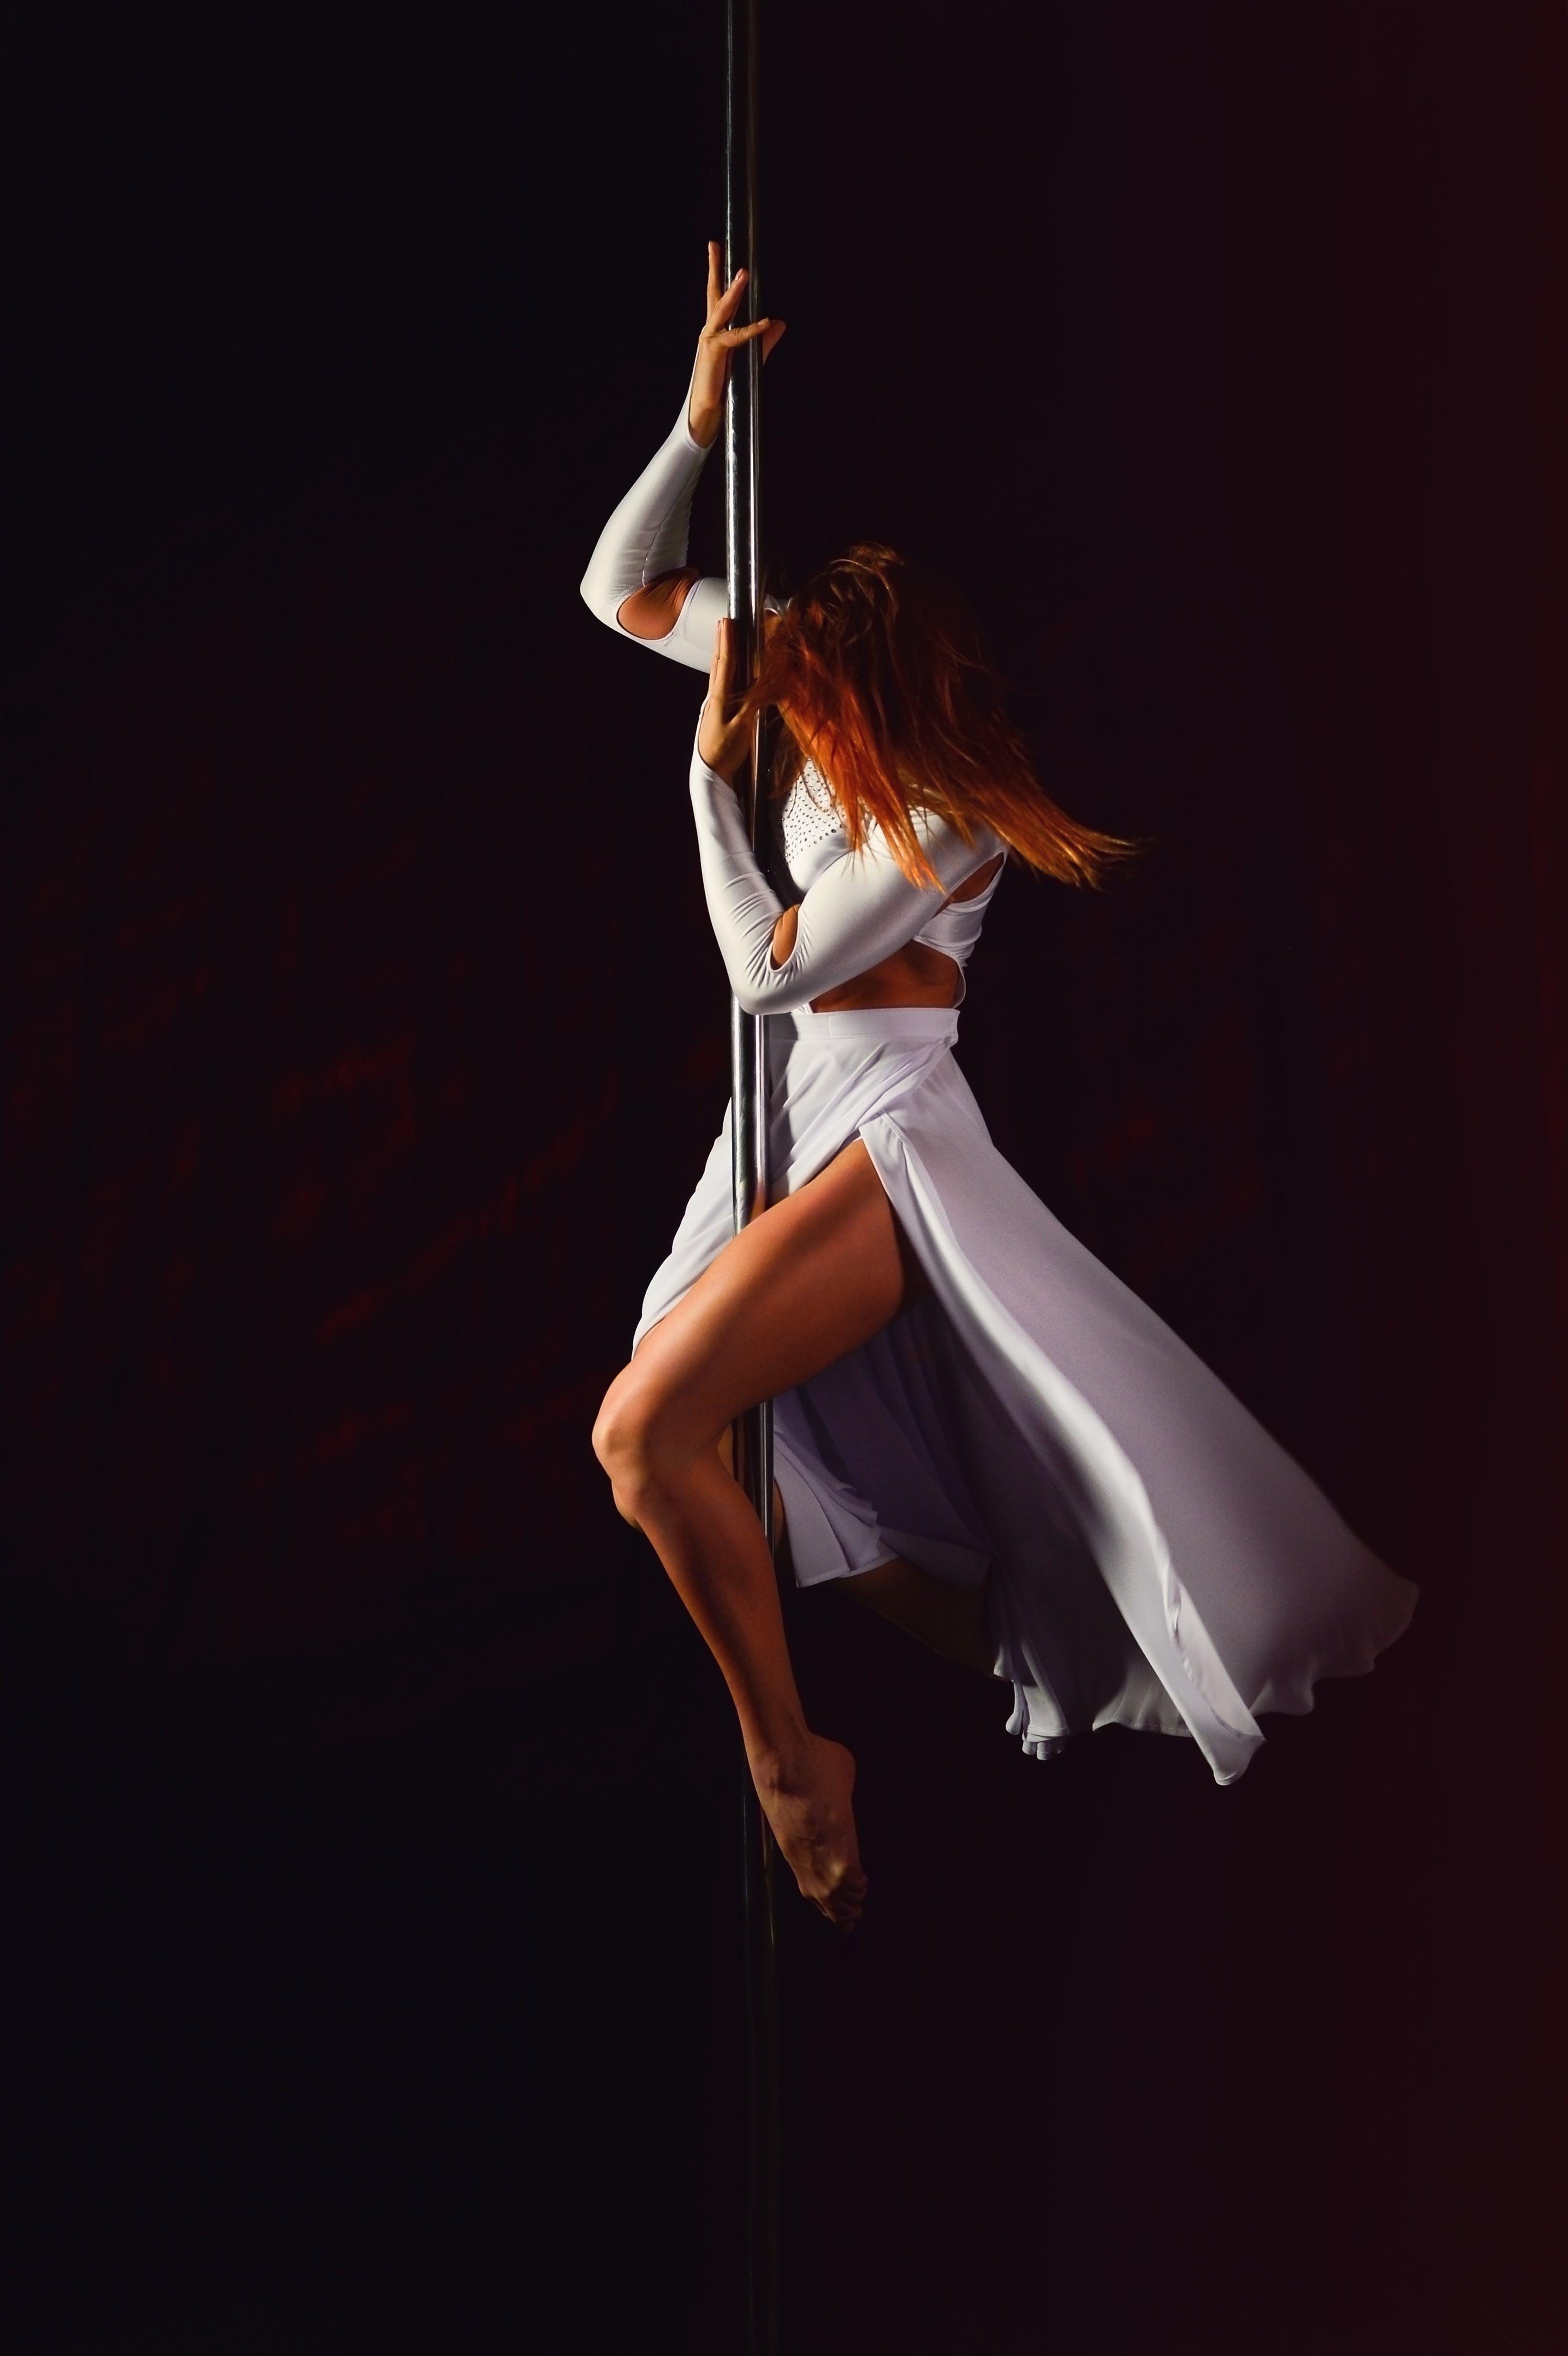 Gratis lagerfoto af balance, dame, dans, danser